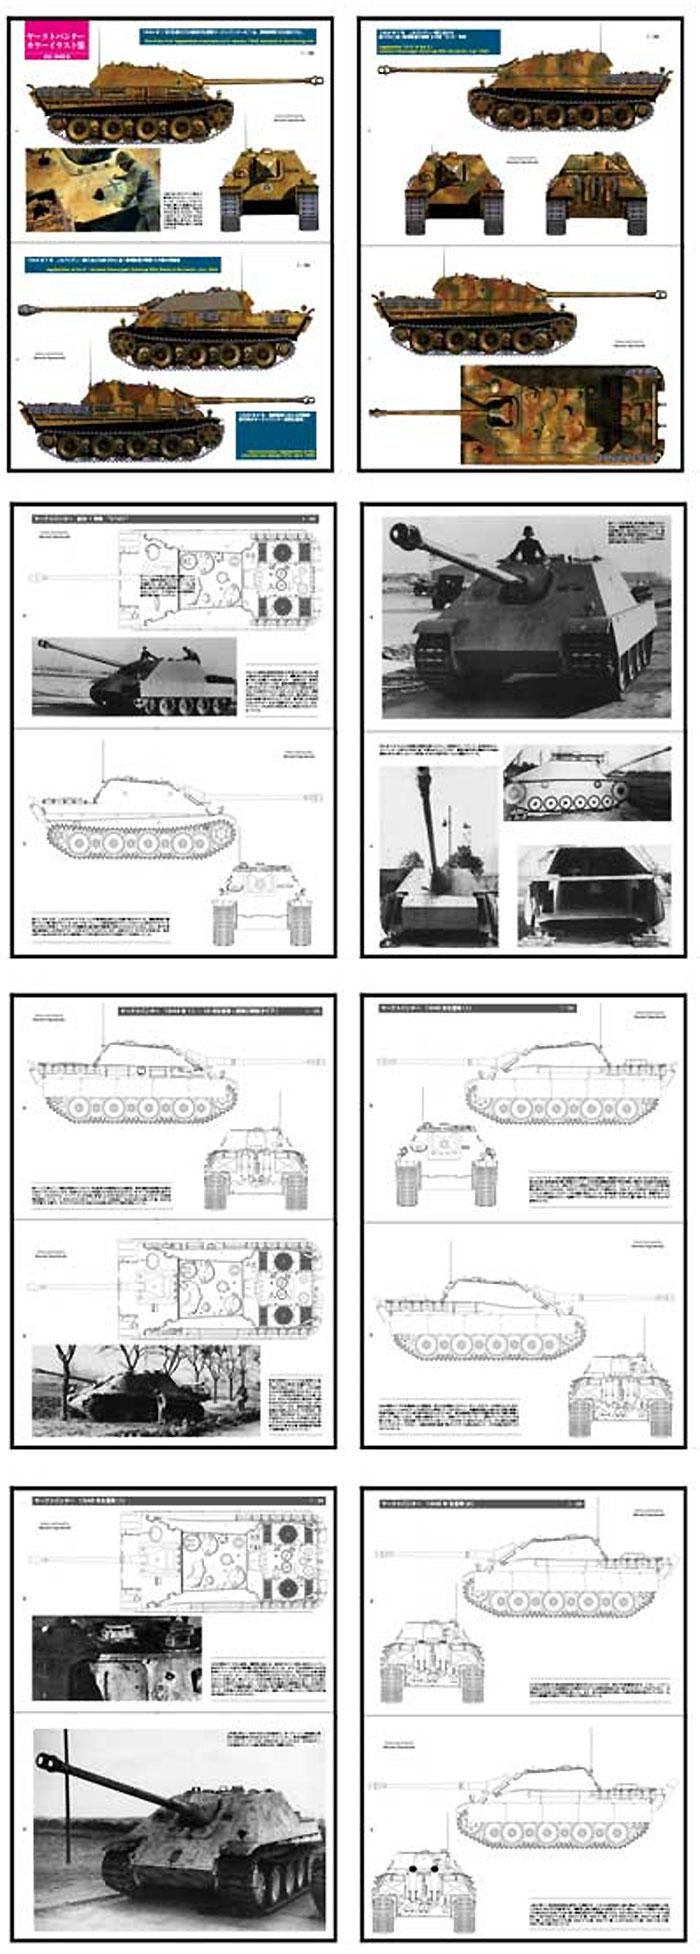 ヤークトパンター図面集別冊(ガリレオ出版グランドパワー別冊No.13502-08)商品画像_1